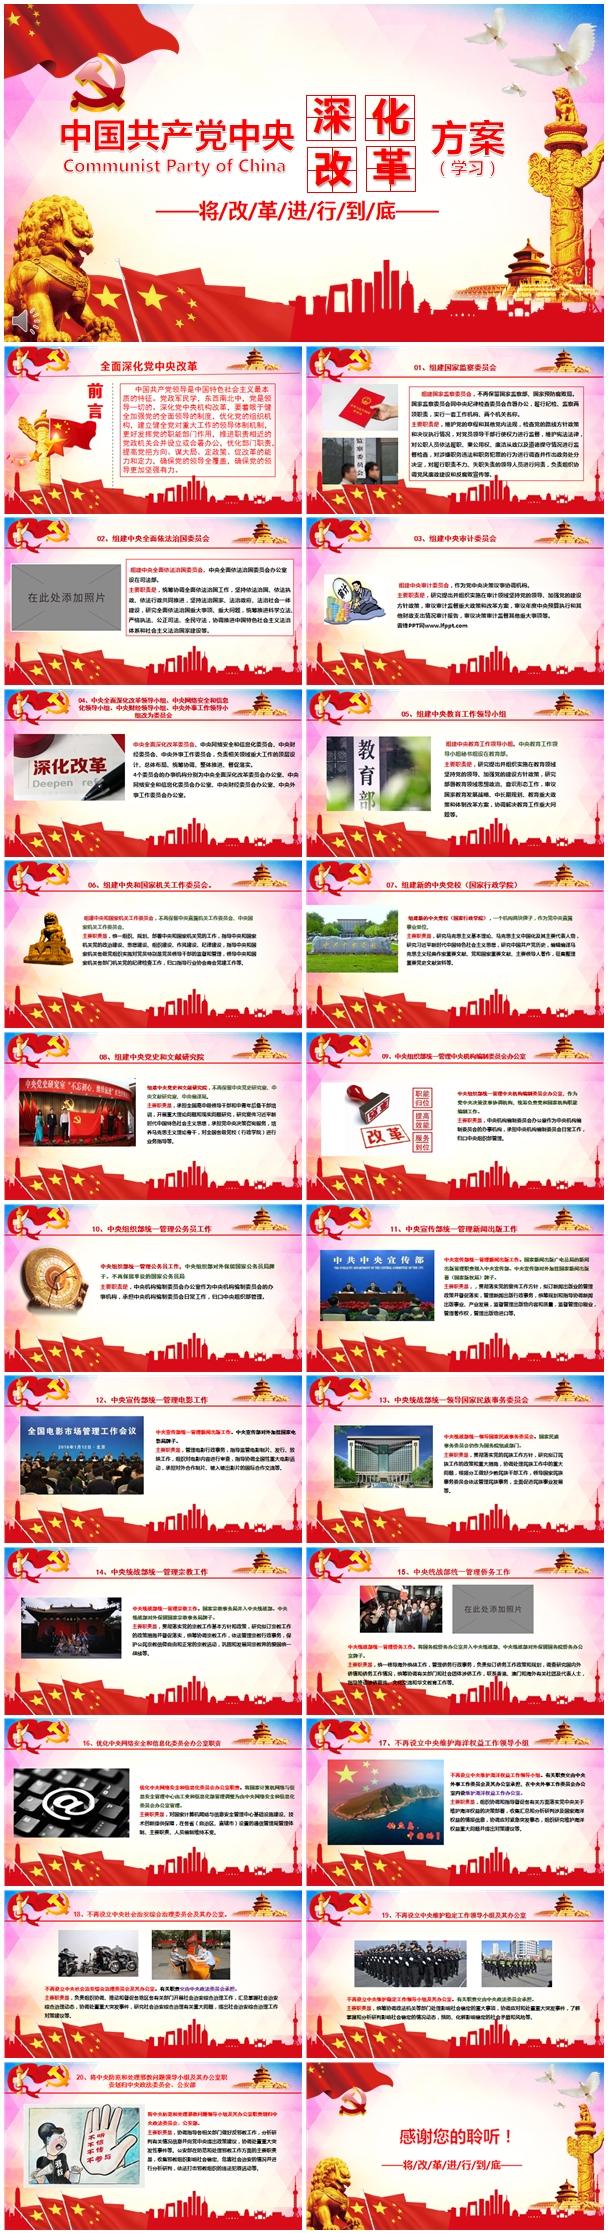 全面深化党中央改革方案学习文稿ppt模板